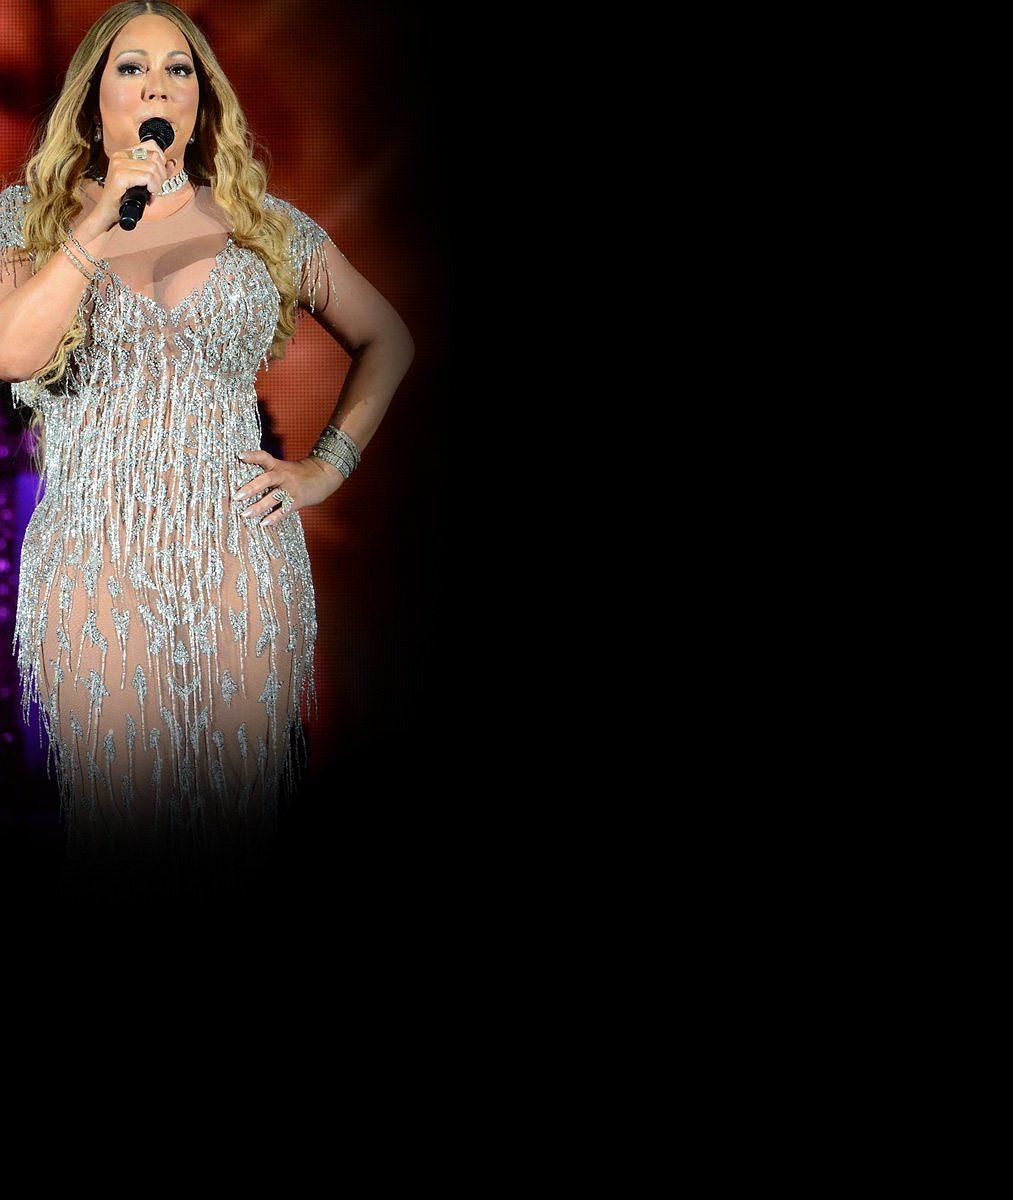 Mariah Carey je pořádné sousto: Takhle se při zvedání plnoštíhlé zpěvačky zapotili čtyři tanečníci